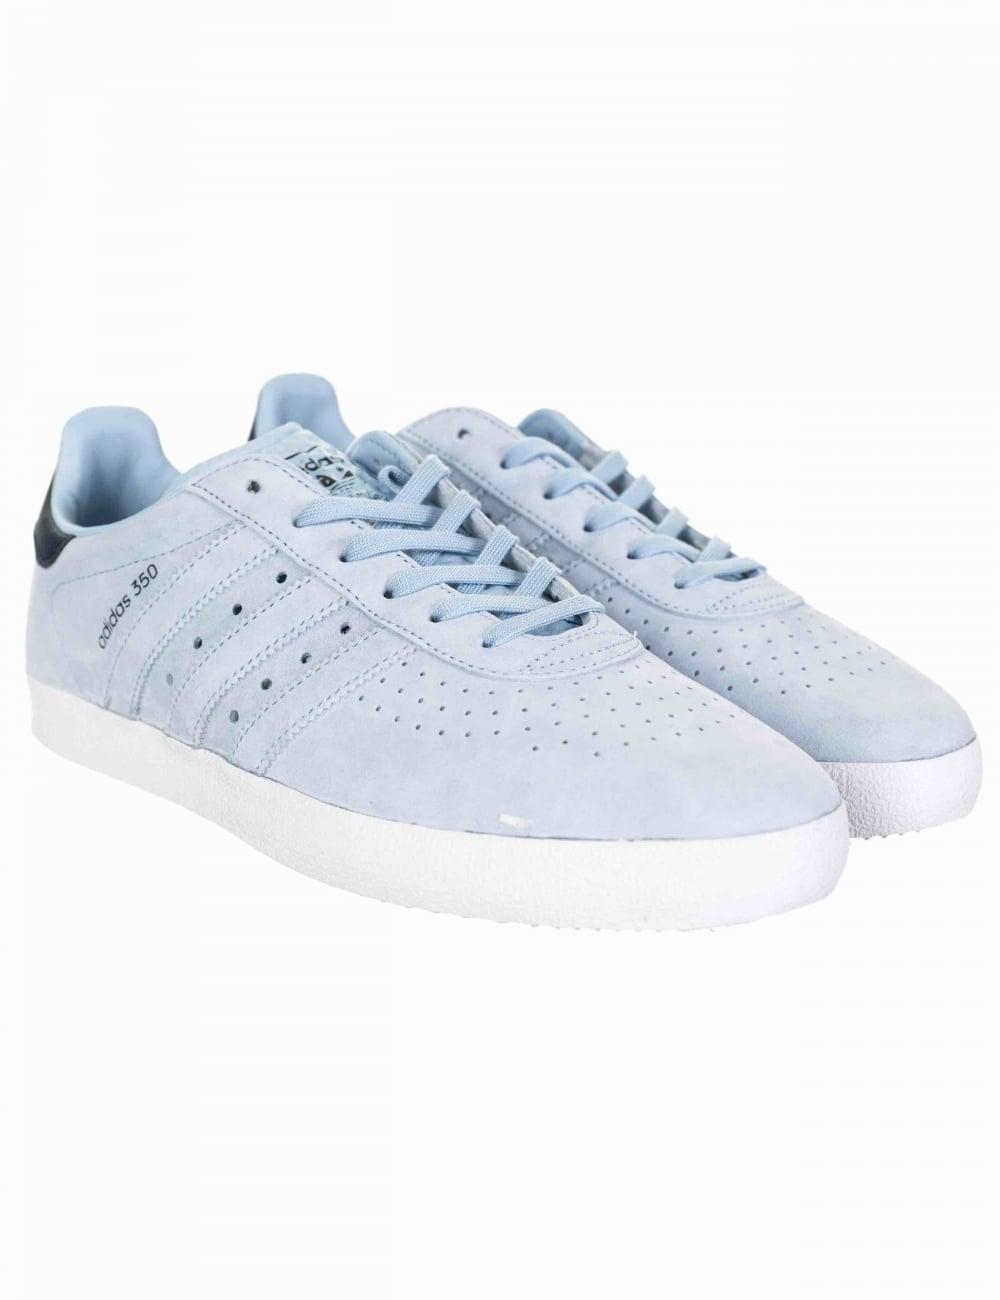 77775a337 Adidas Originals 350 Shoes - Easy Blue Collegiate Navy - Footwear ...